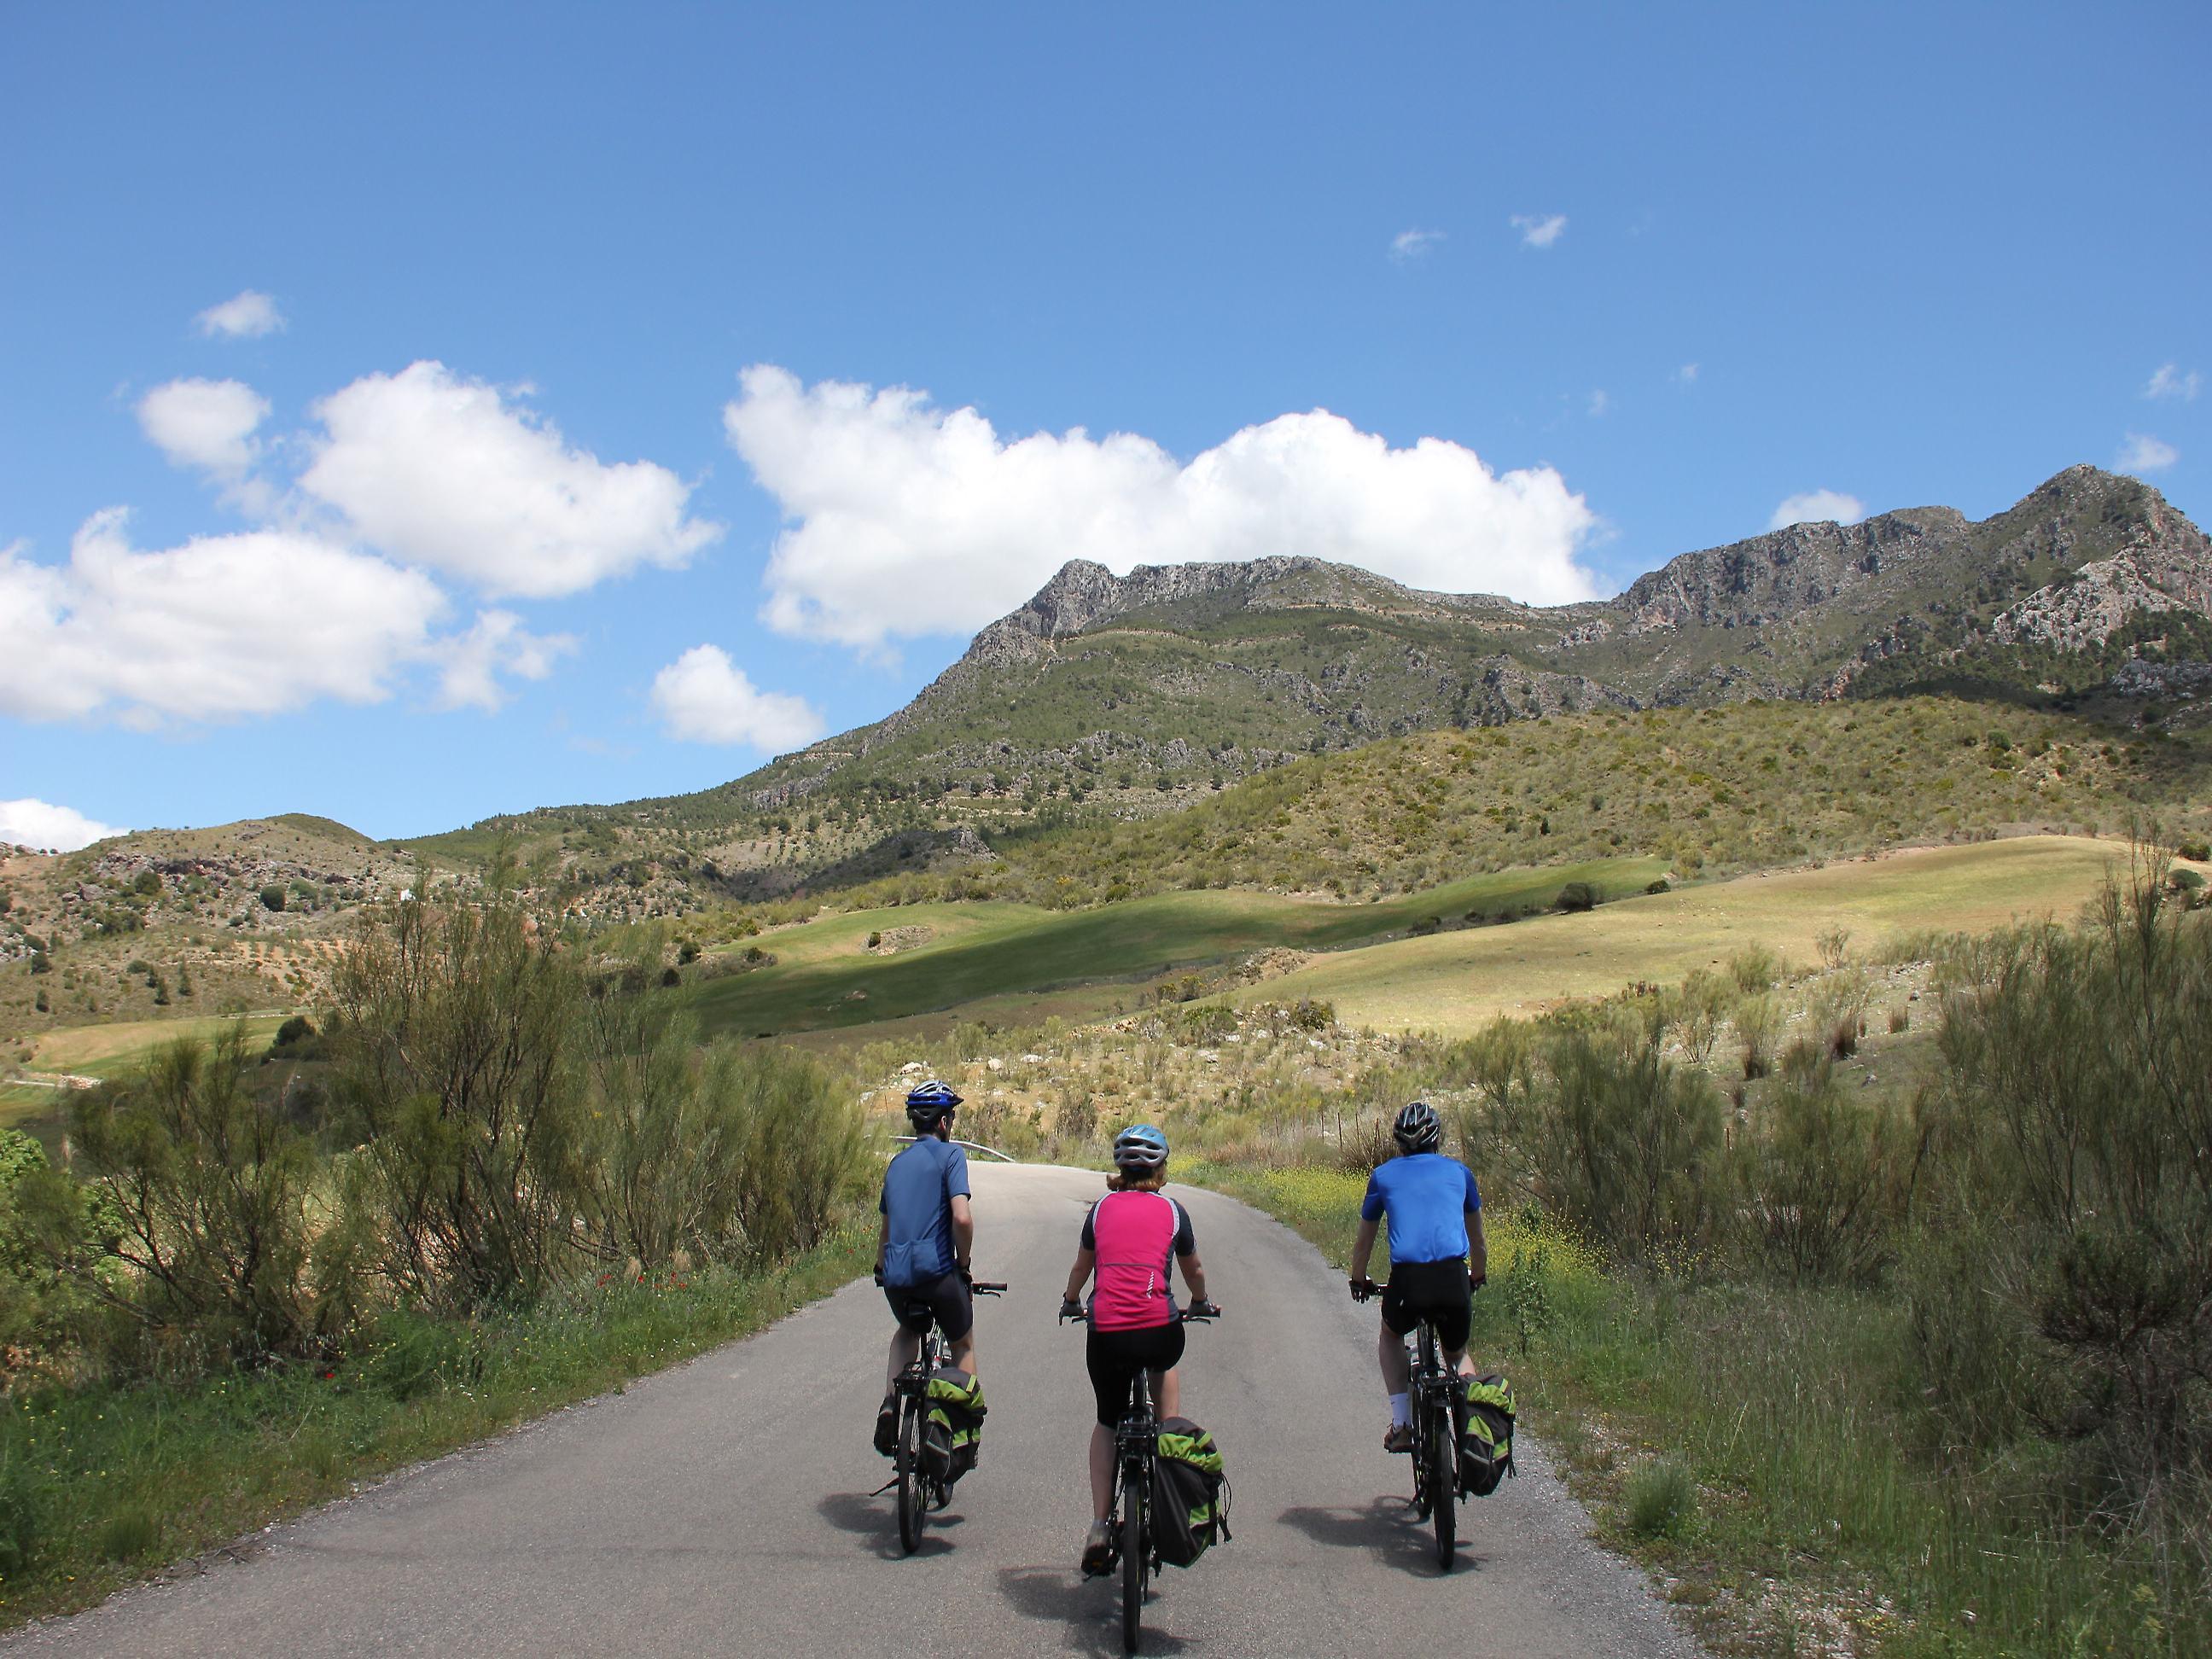 En bici por los campos de Andalucía.